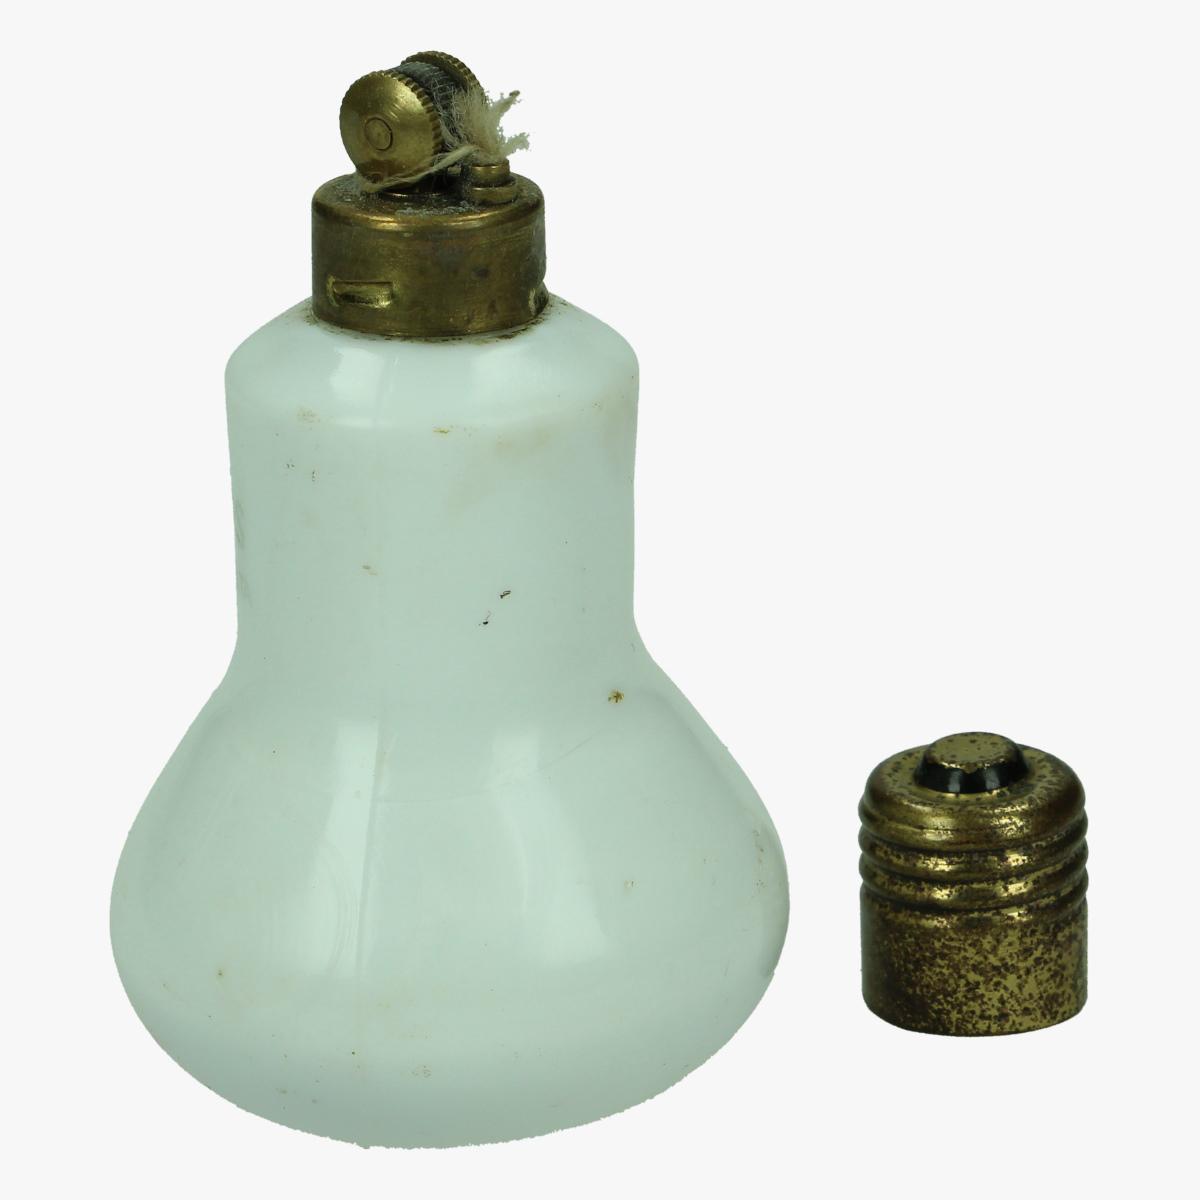 Afbeeldingen van oude aansteker lamp philips